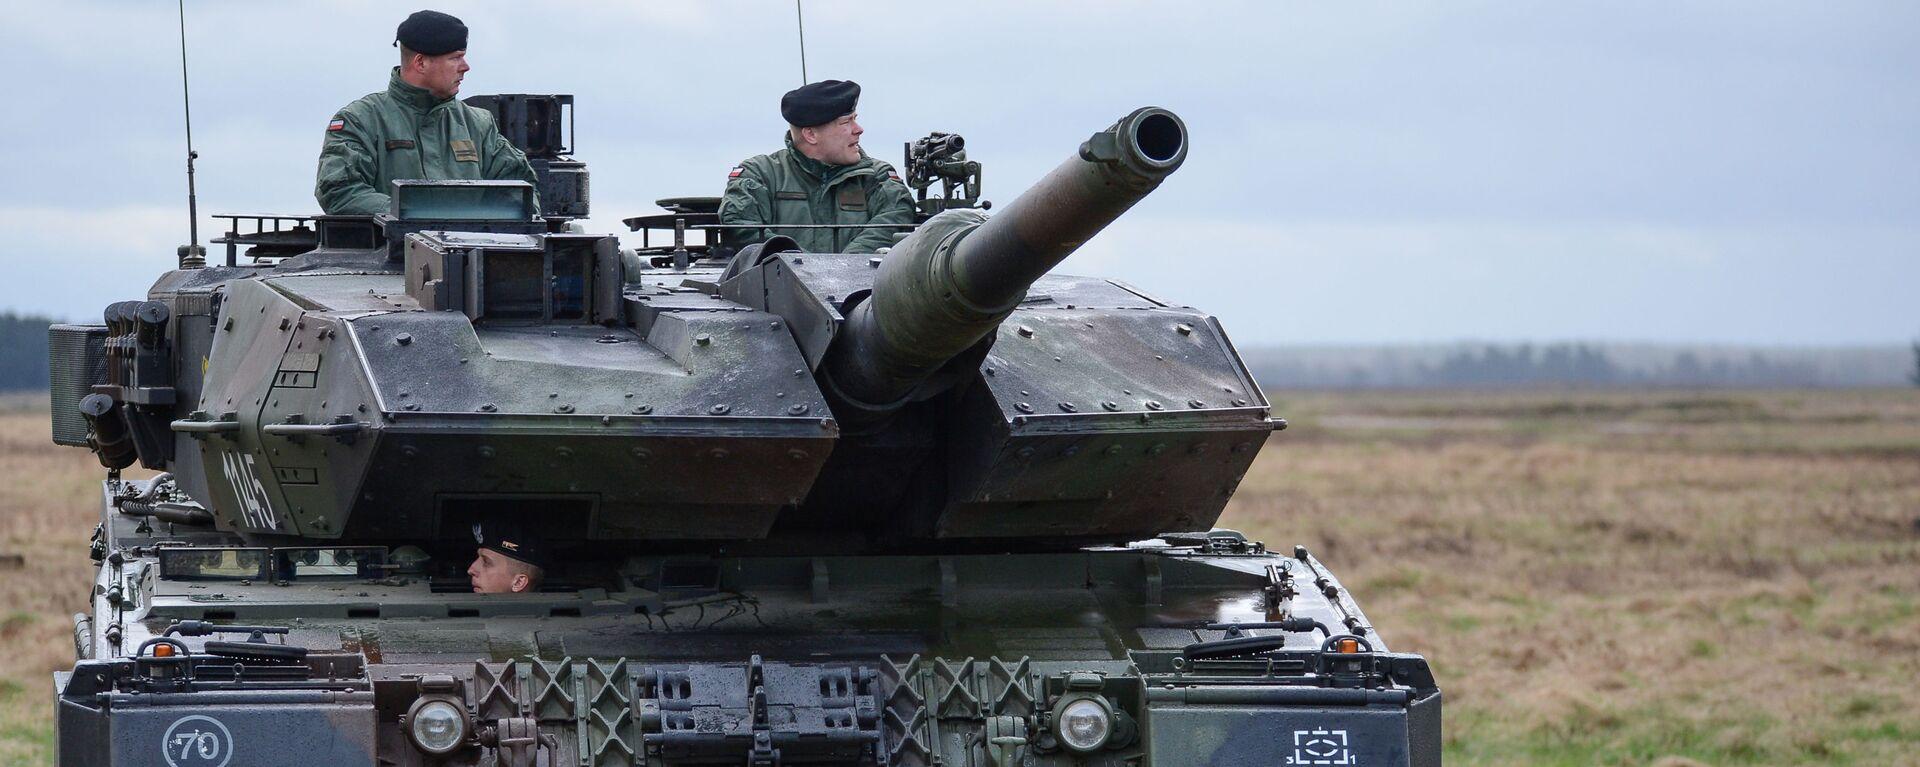 Танк PT-91 Тварды на церемонии приветствия многонационального батальона НАТО под руководством США в польском Ожише. - Sputnik Латвия, 1920, 07.03.2021